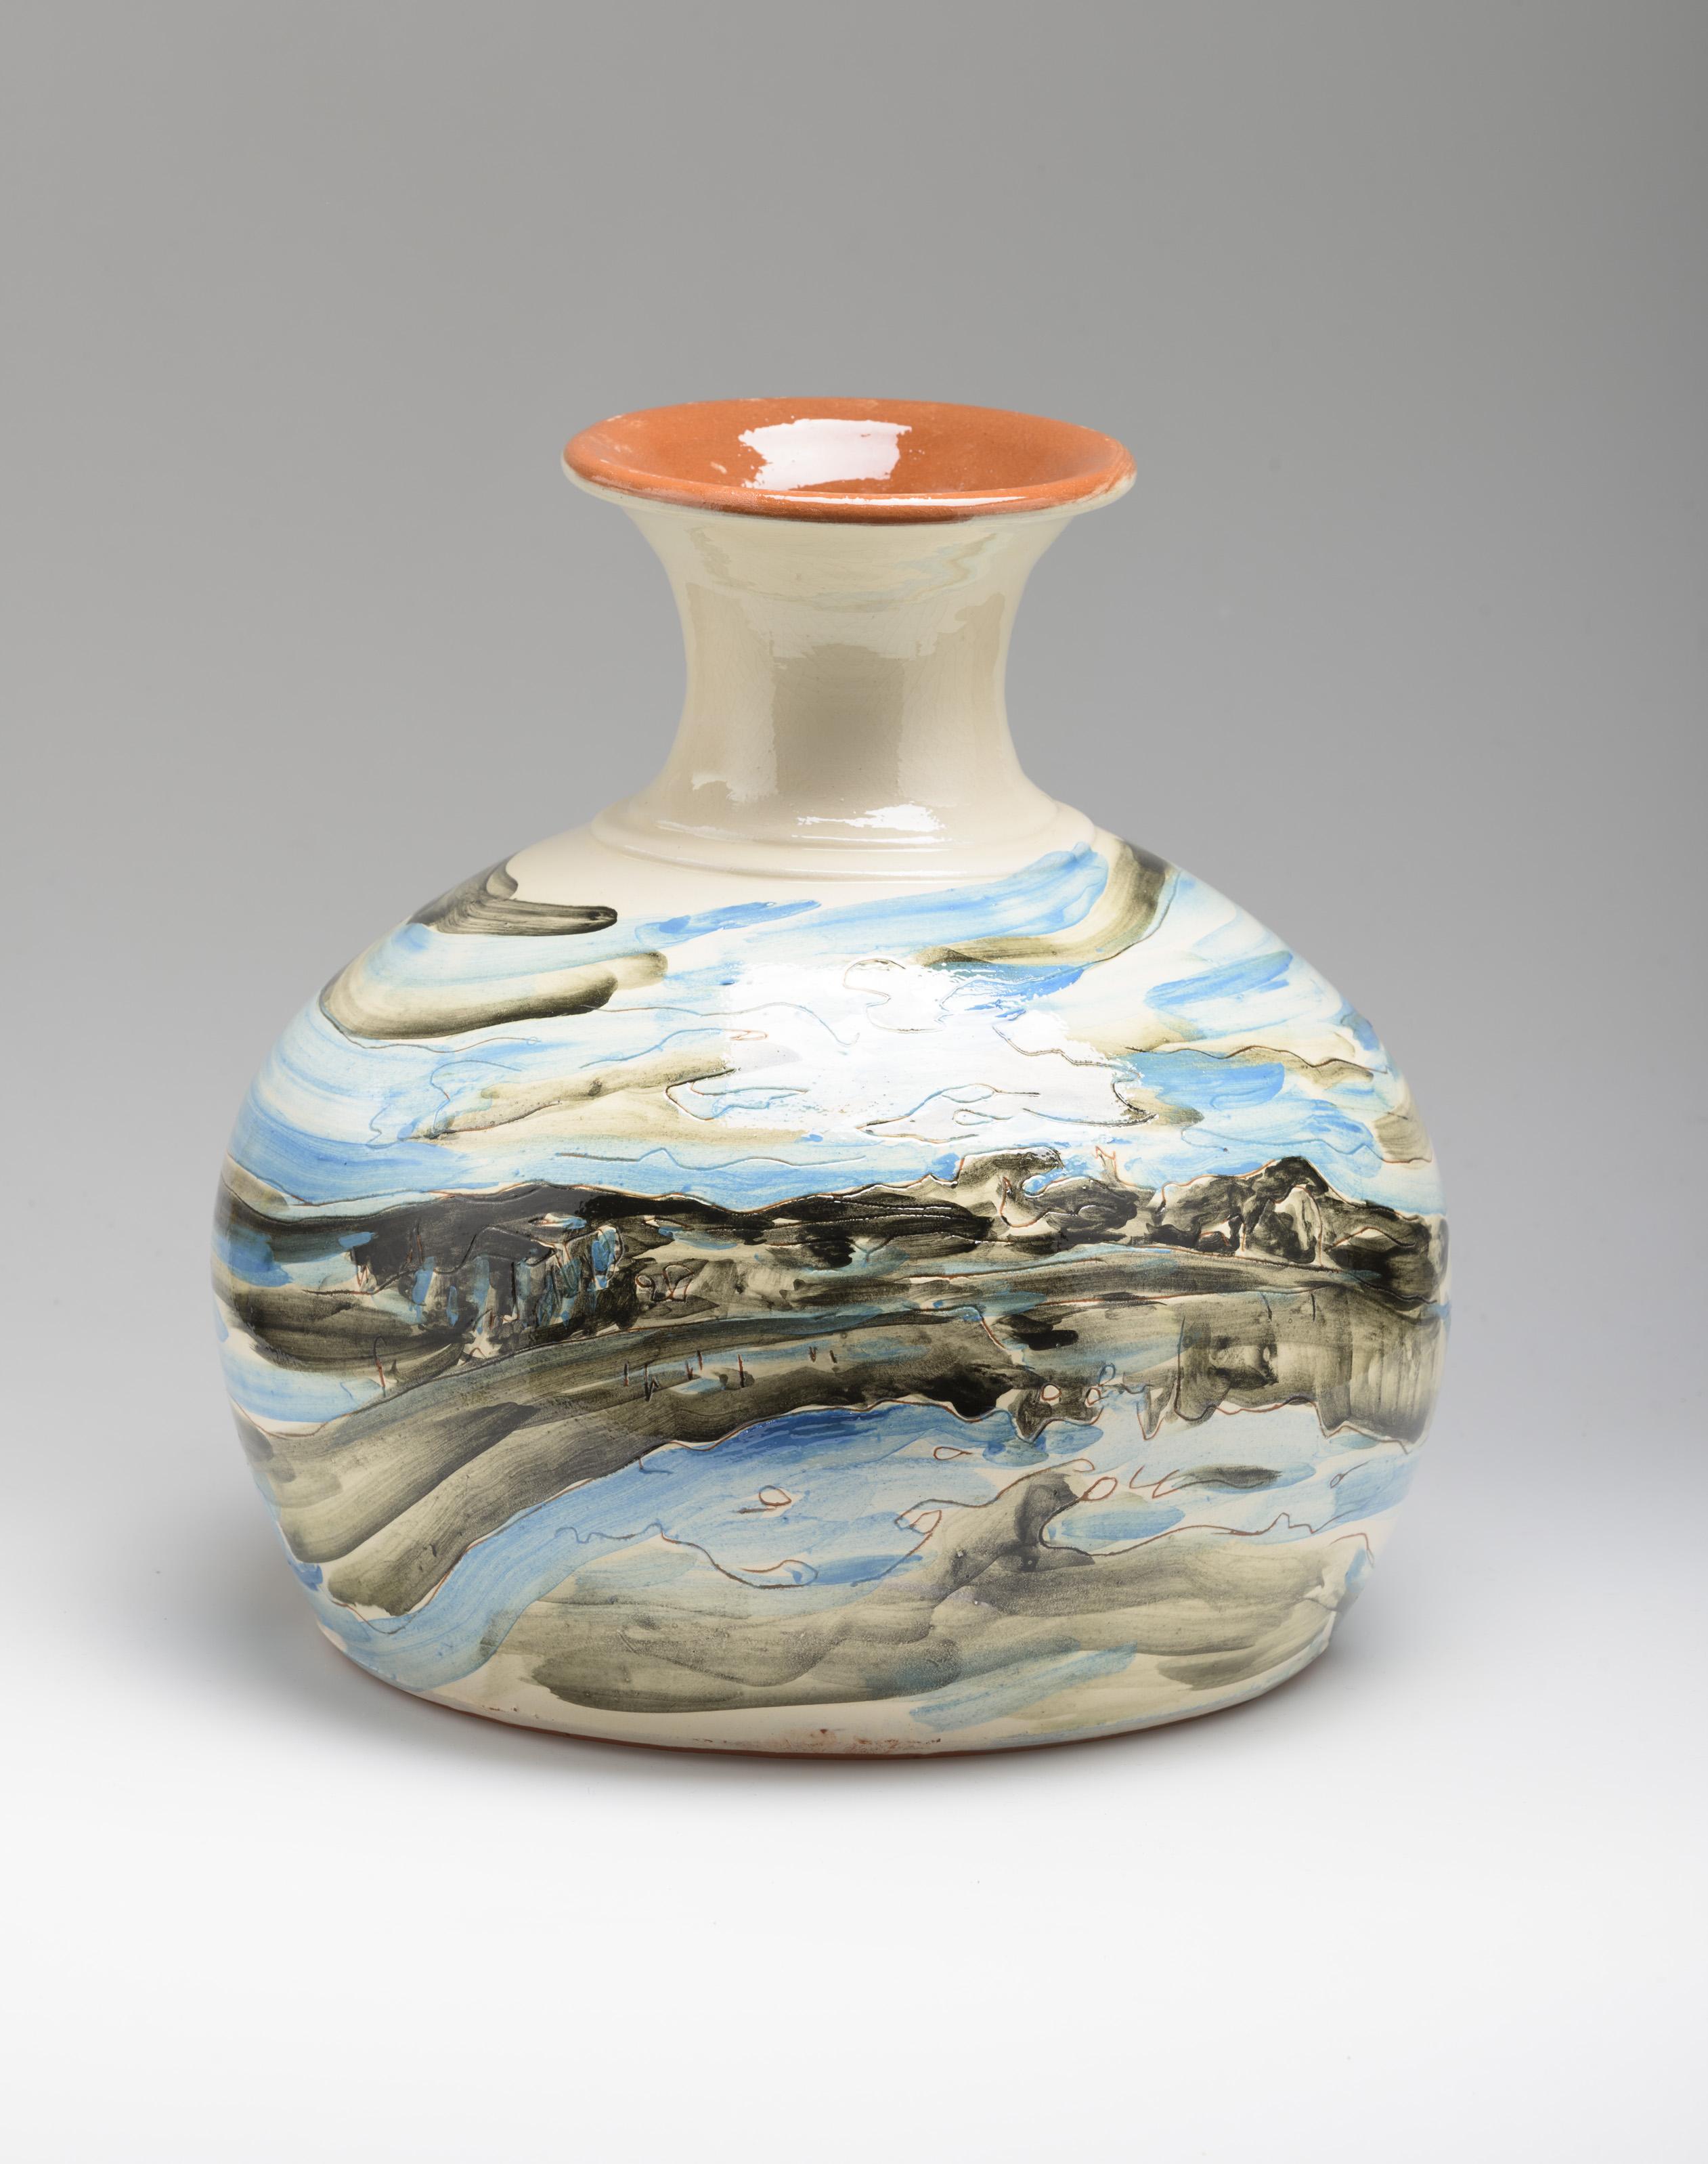 Flower Vase, ceramic, 27 cm. high, Portugal 2015